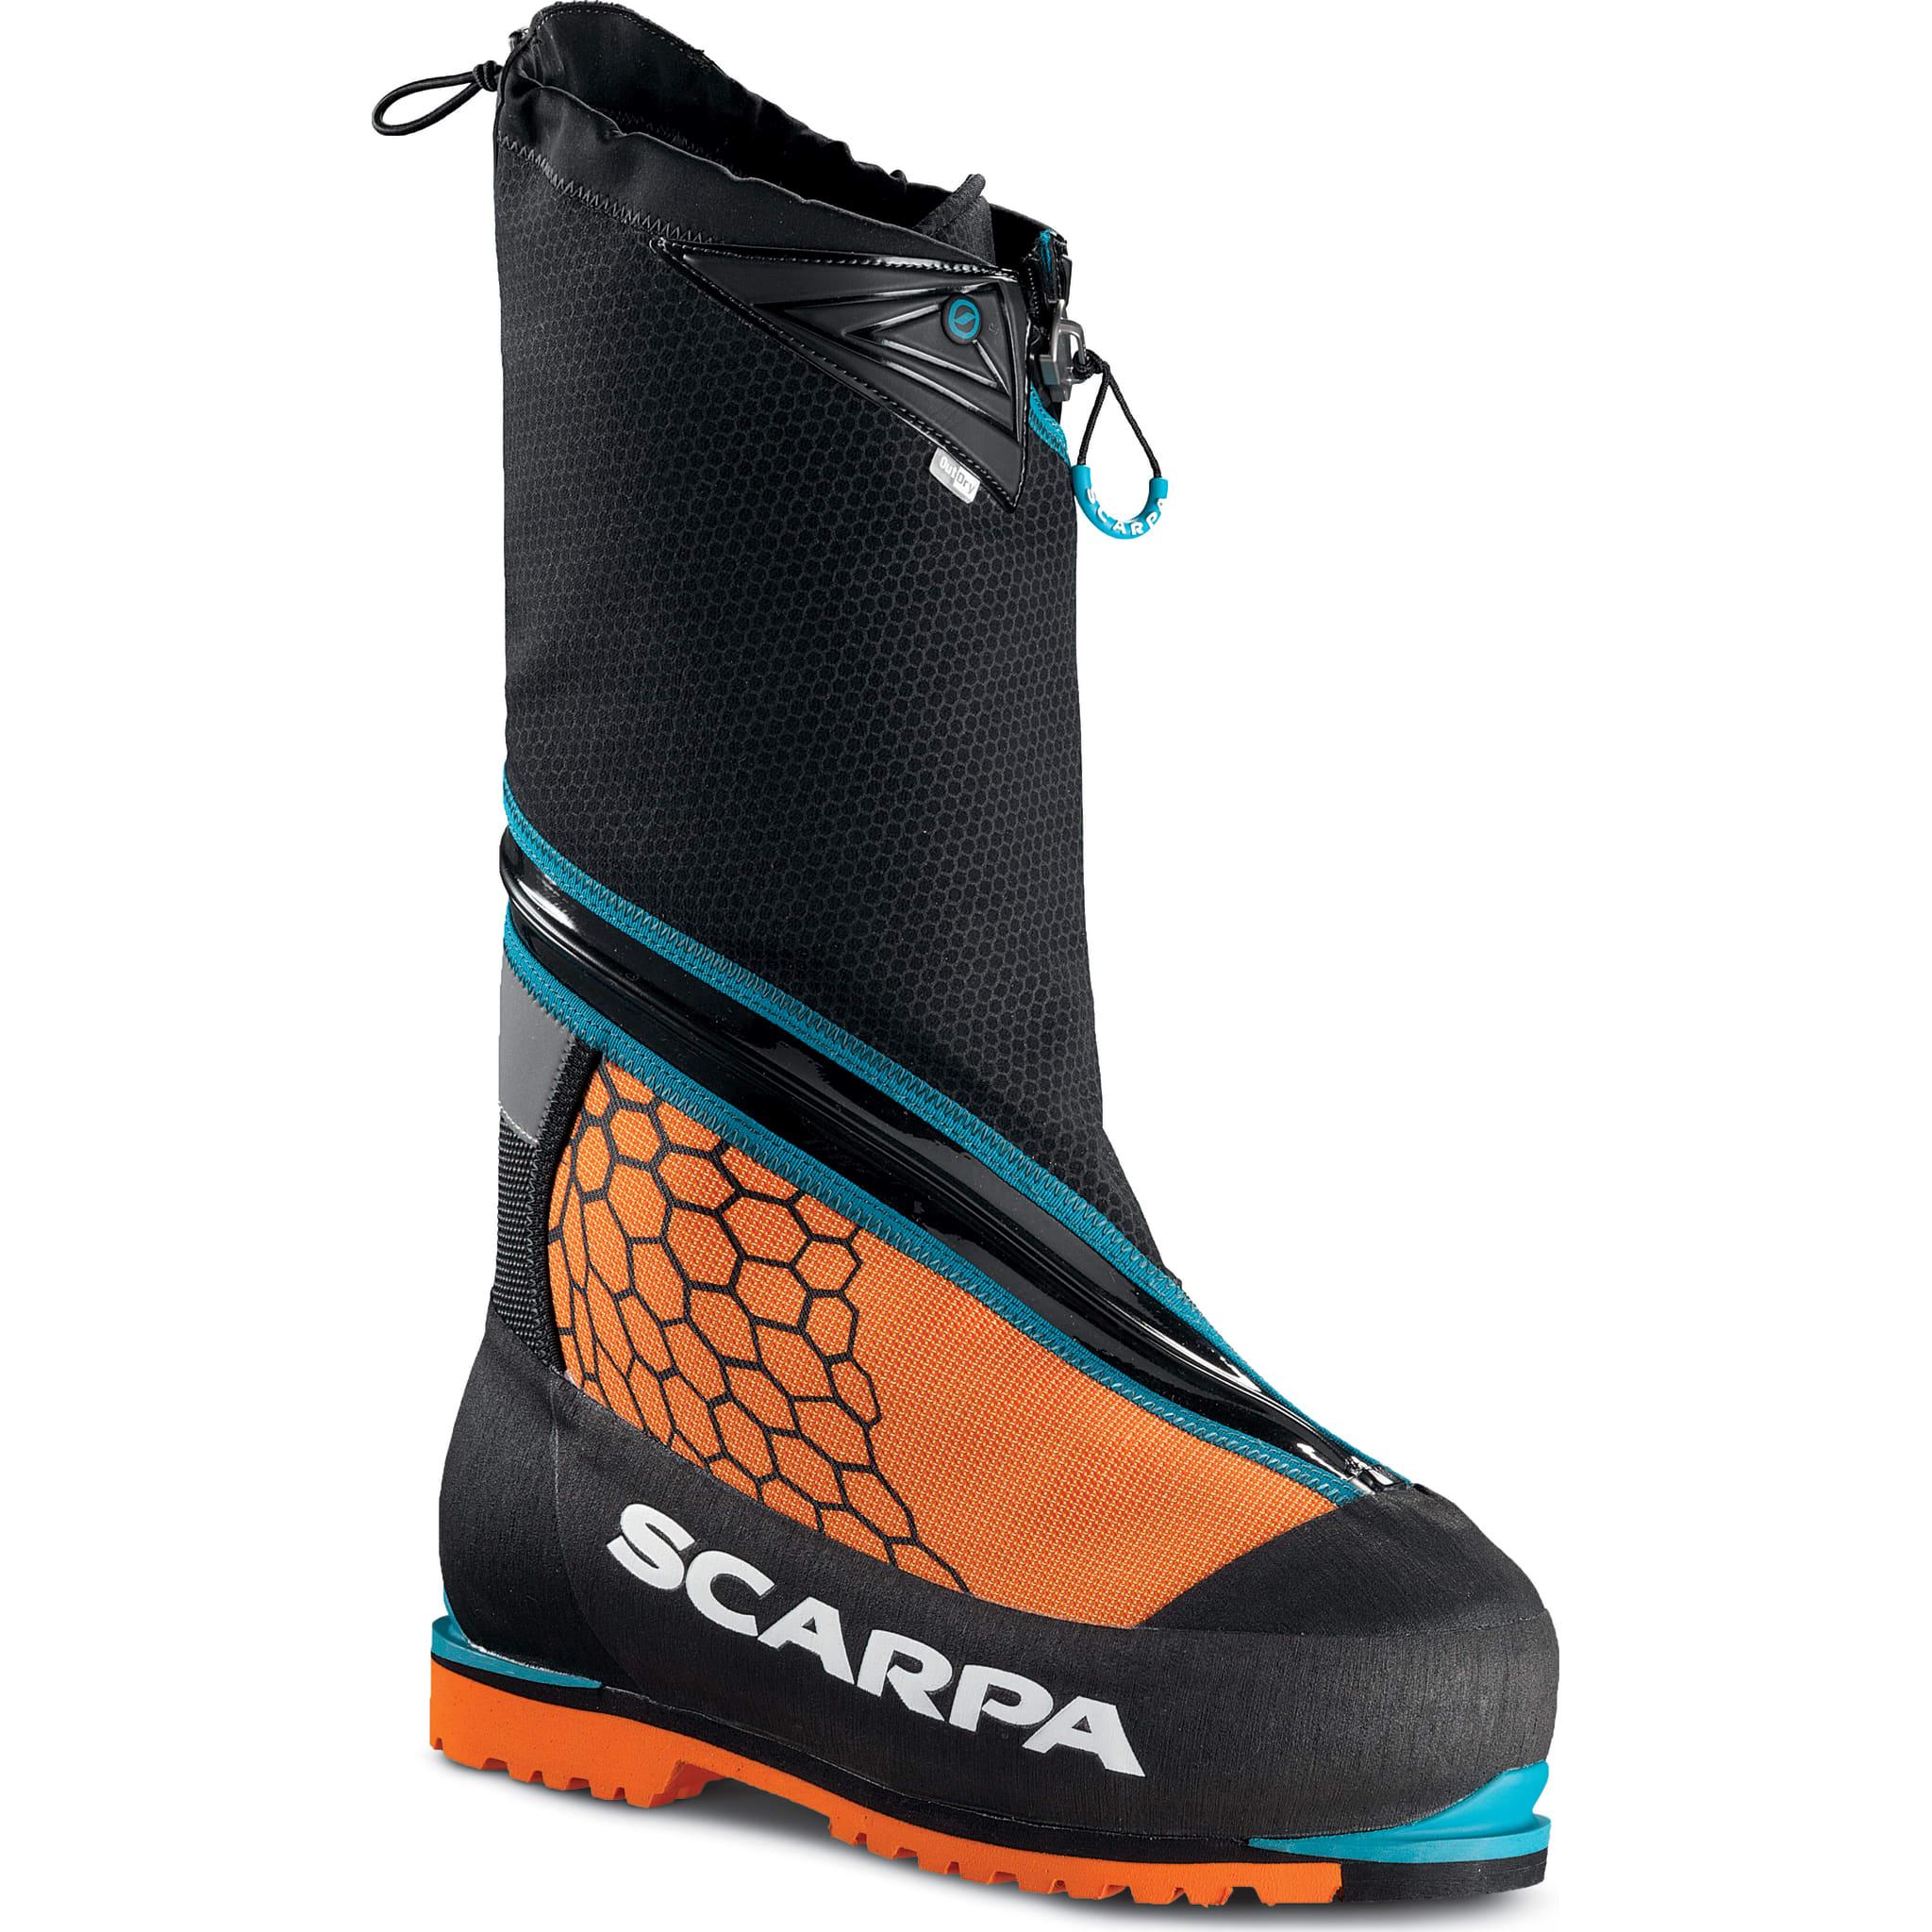 Ekstrem sko for kalde turer og høye fjell!